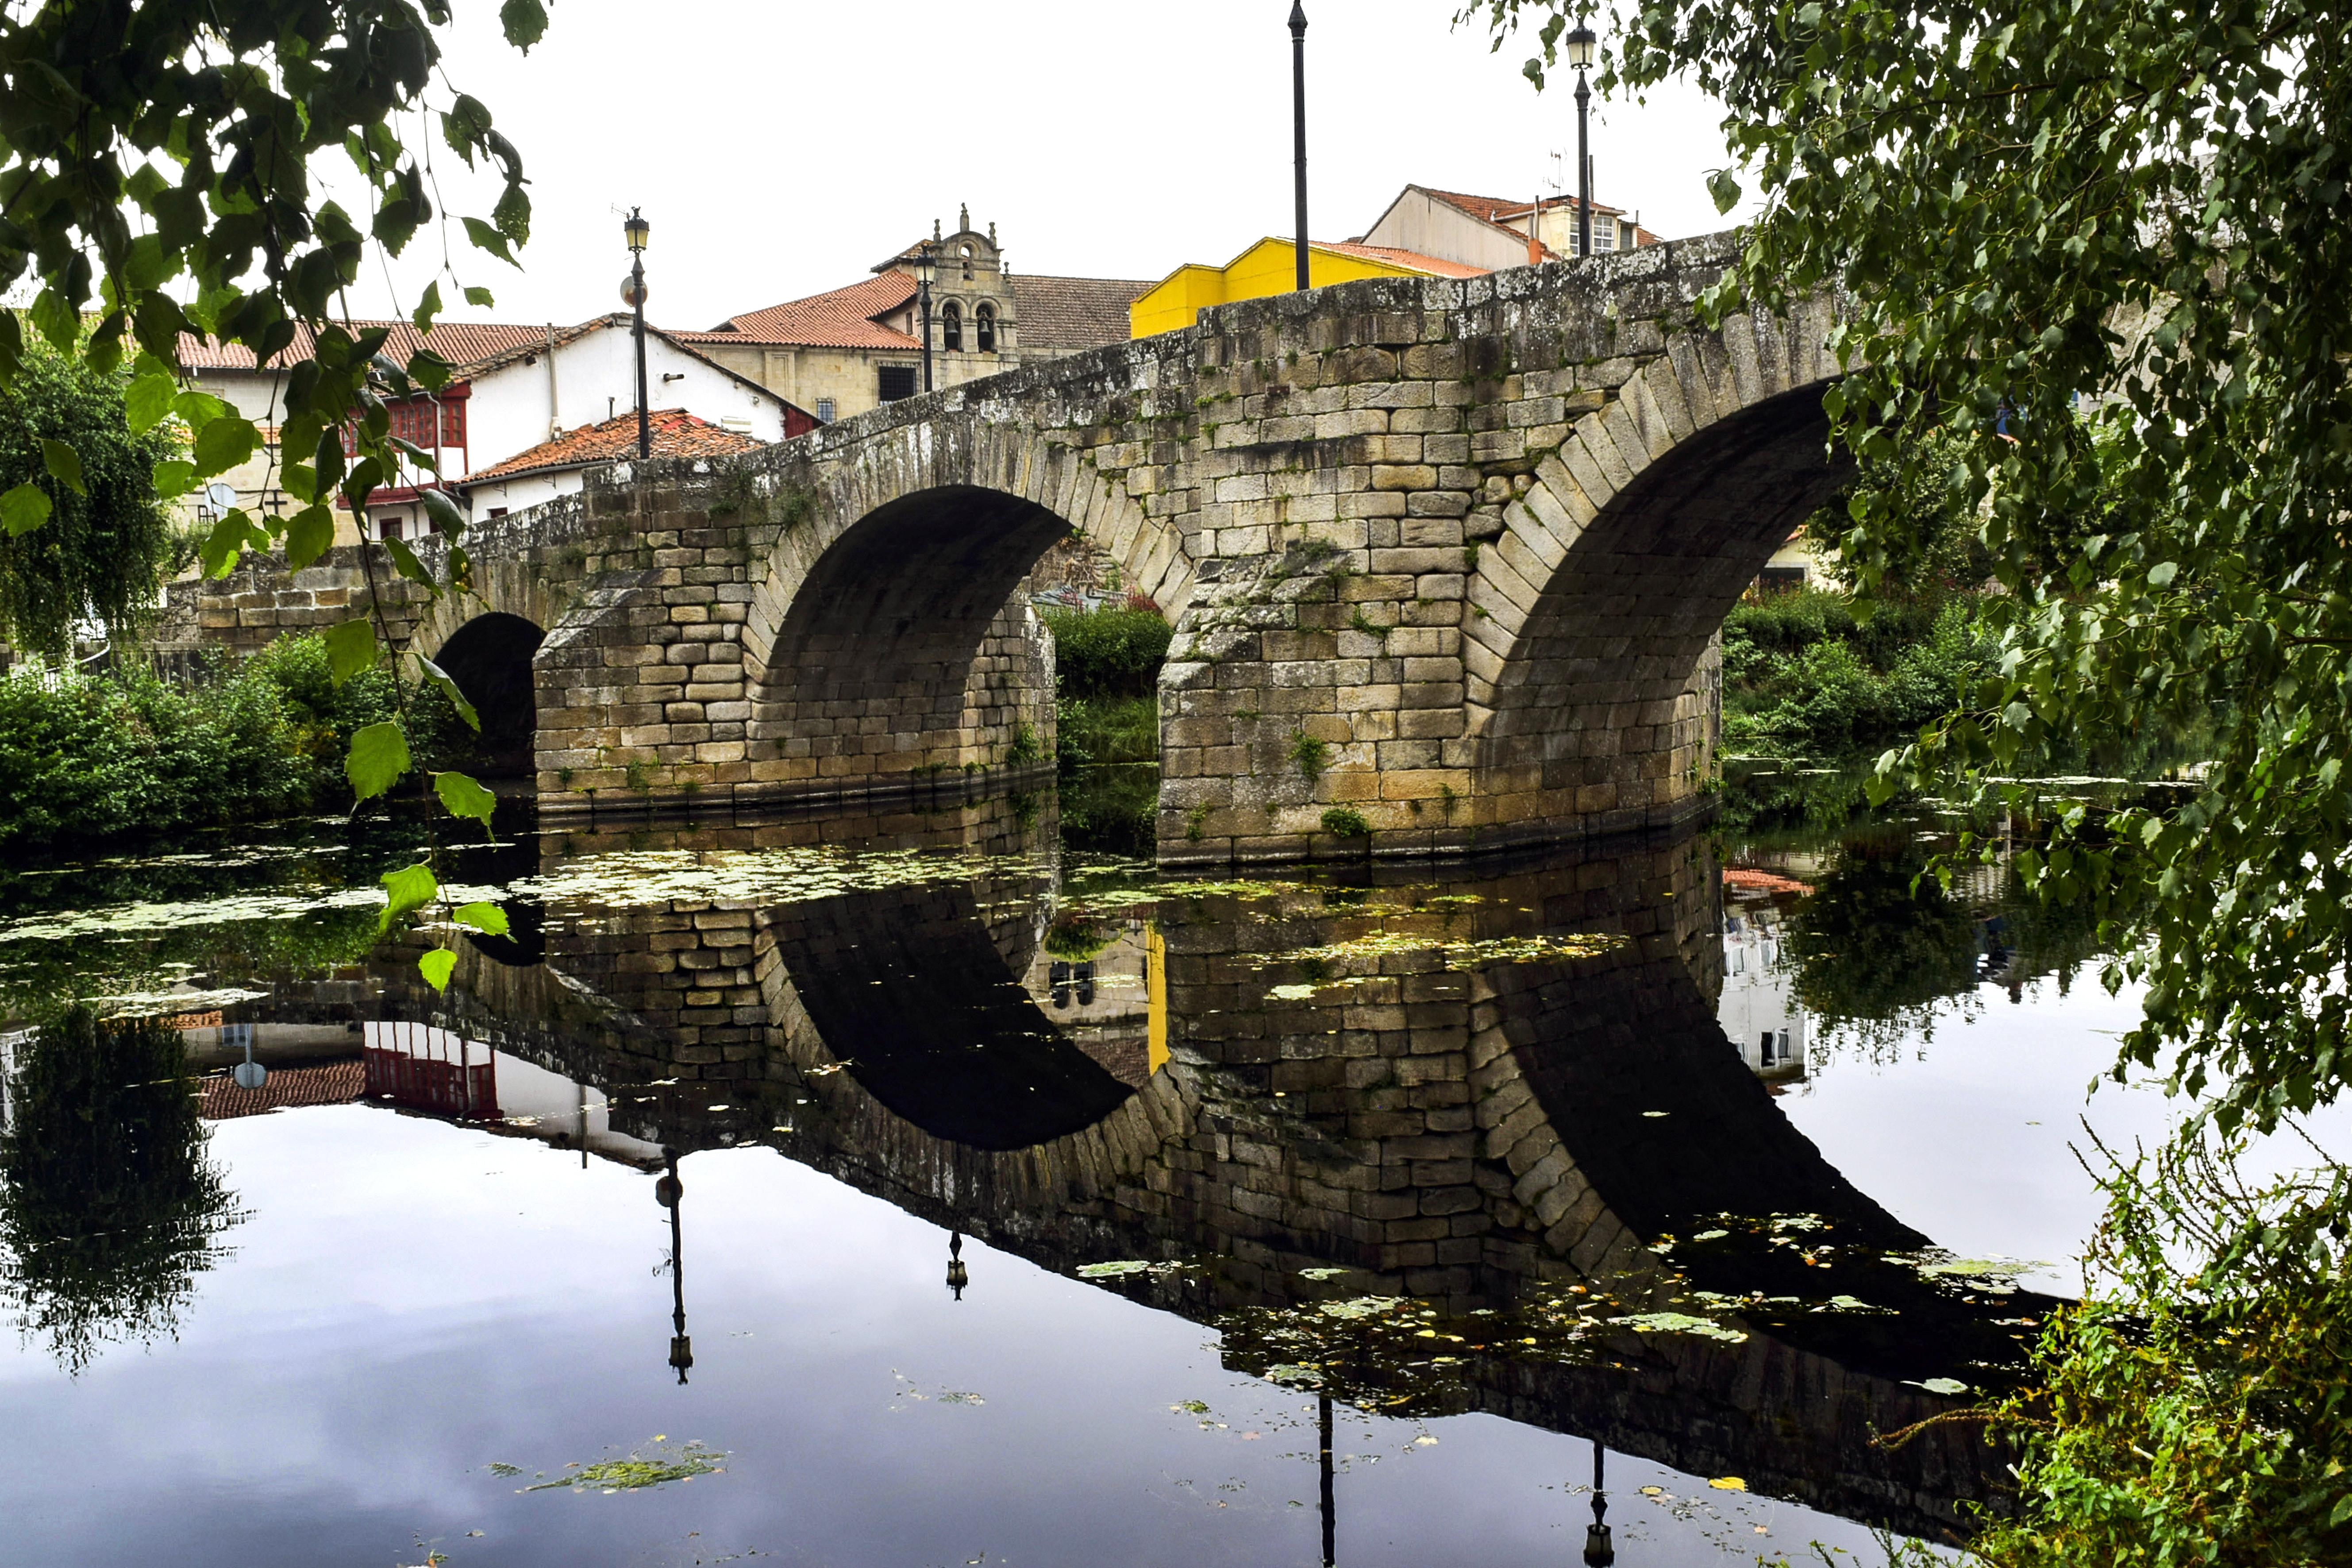 2º Premio: Puente Medieval sobre el río Cabe en Monforte